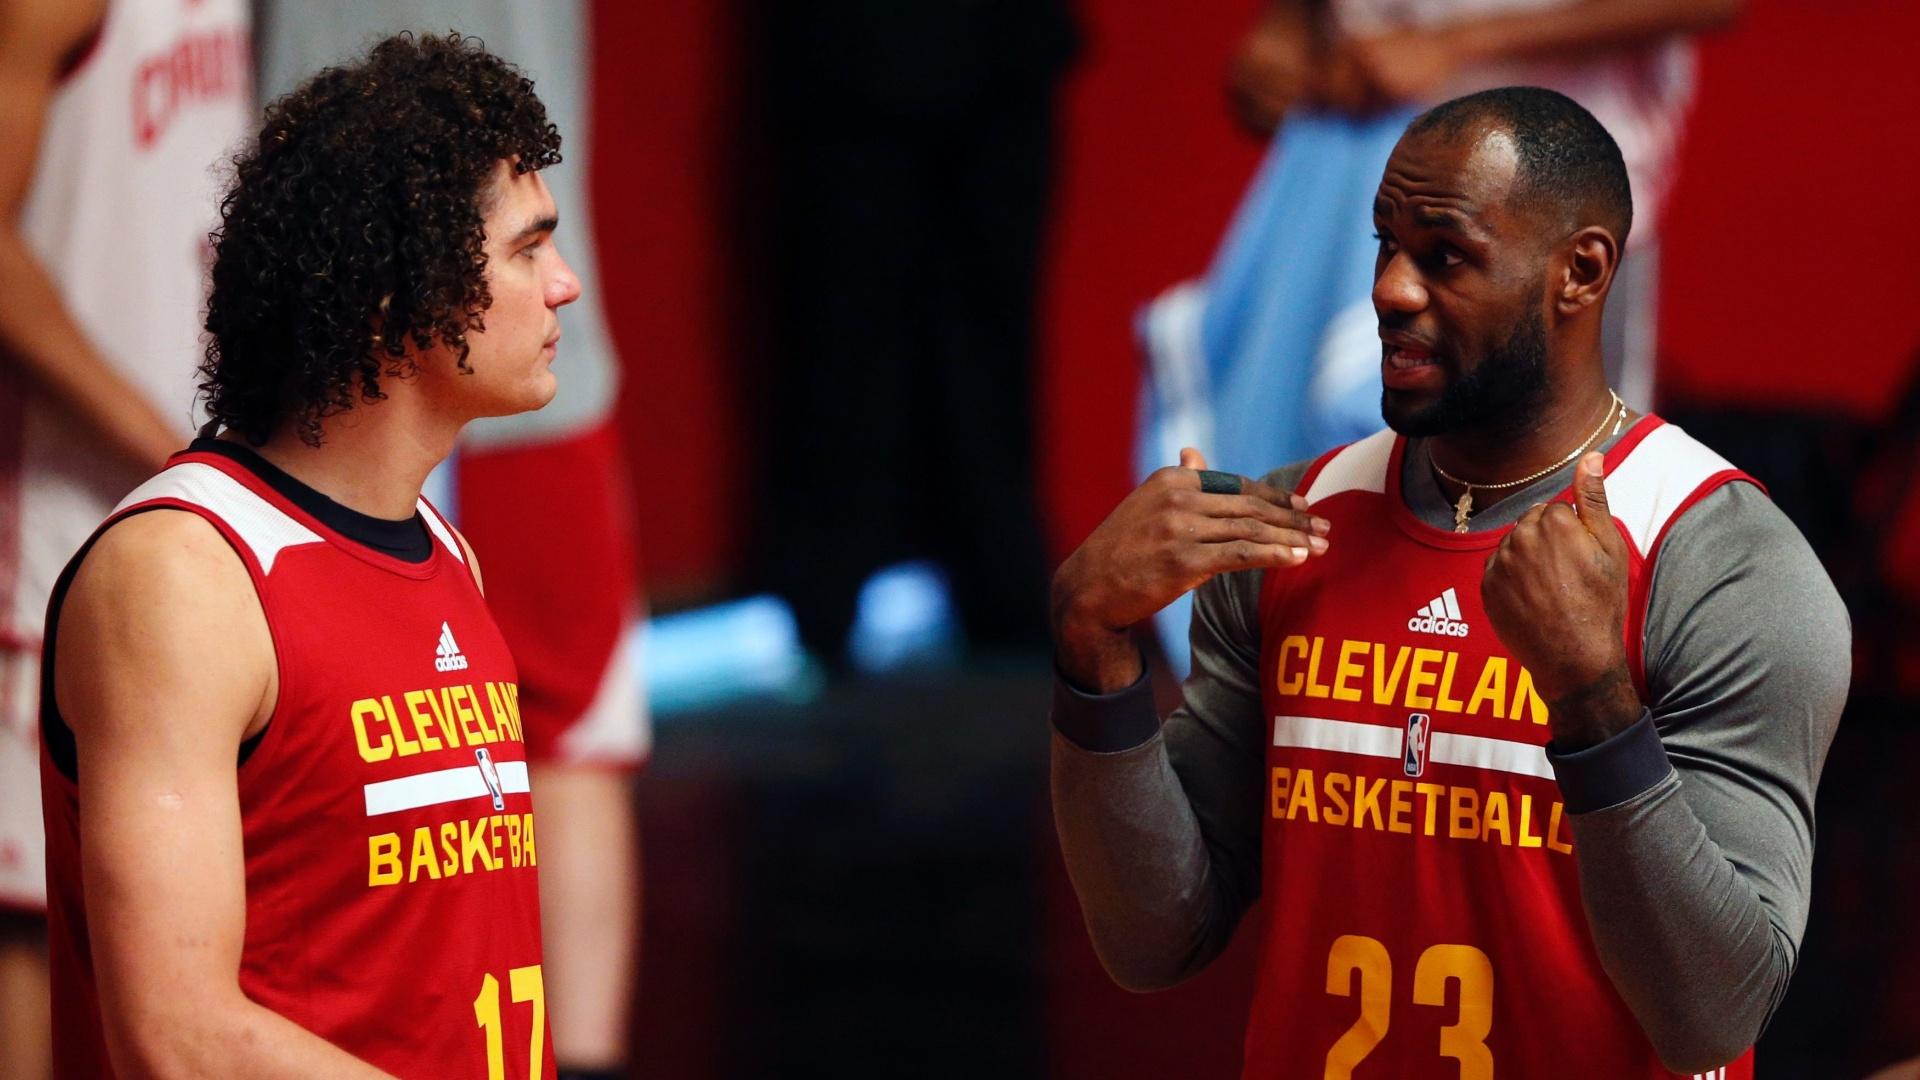 09 out. 2014 - Próximos em passagem dos Cavaliers pelo Rio de Janeiro, LeBron James e Anderson Varejão conversam durante treino